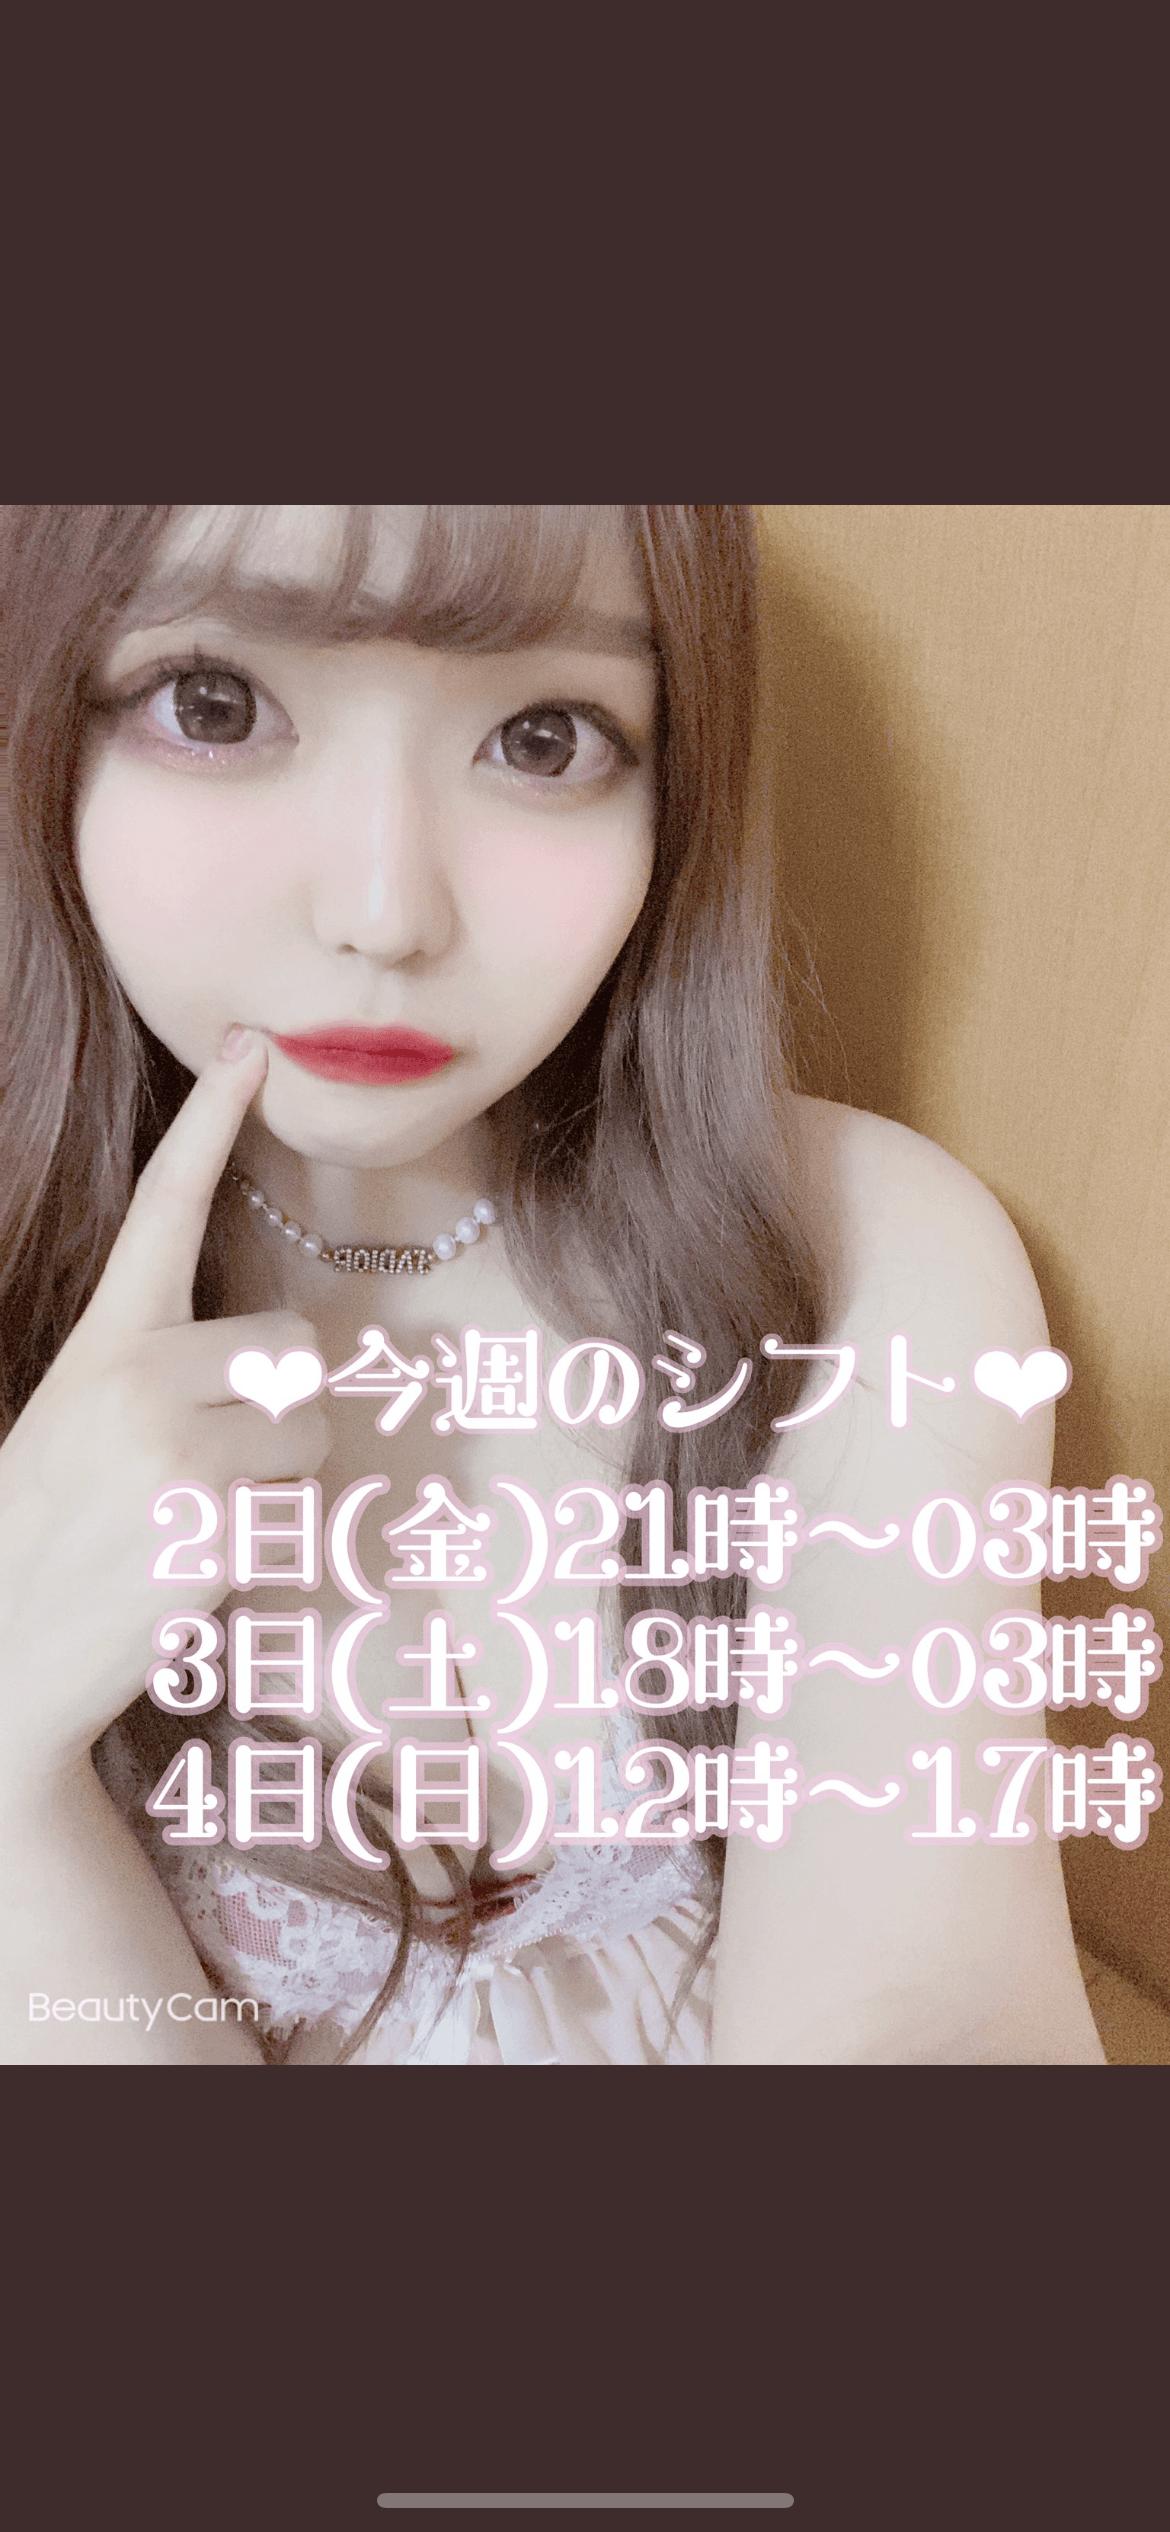 「遅くなっちゃった」06/28(月) 20:10   藍葉ららの写メ日記